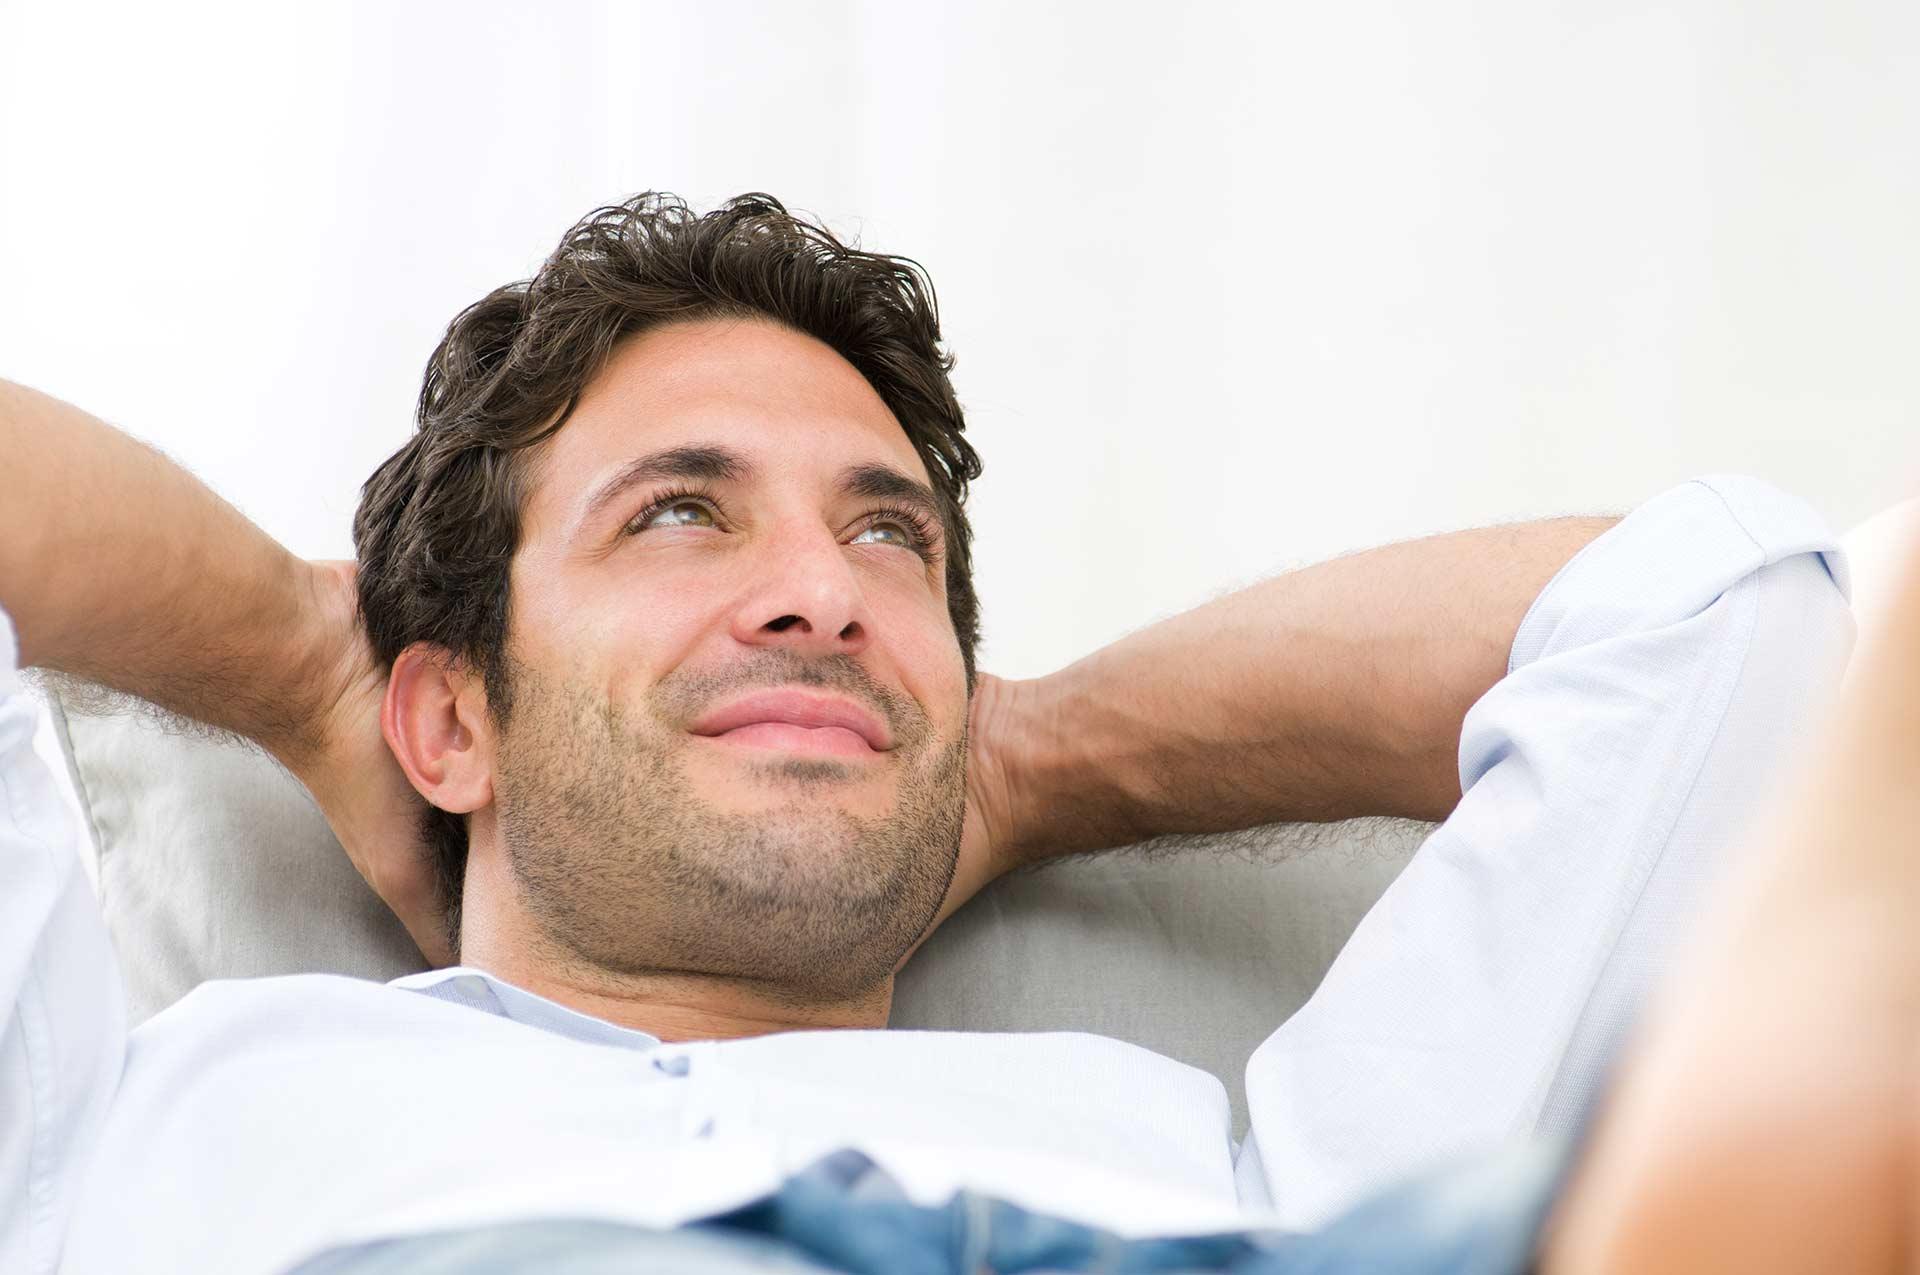 Φαλλοπλαστική, χειρουργός ουρολόγος - ανδρολόγος Δρ Ιωάννης Ζούμπος